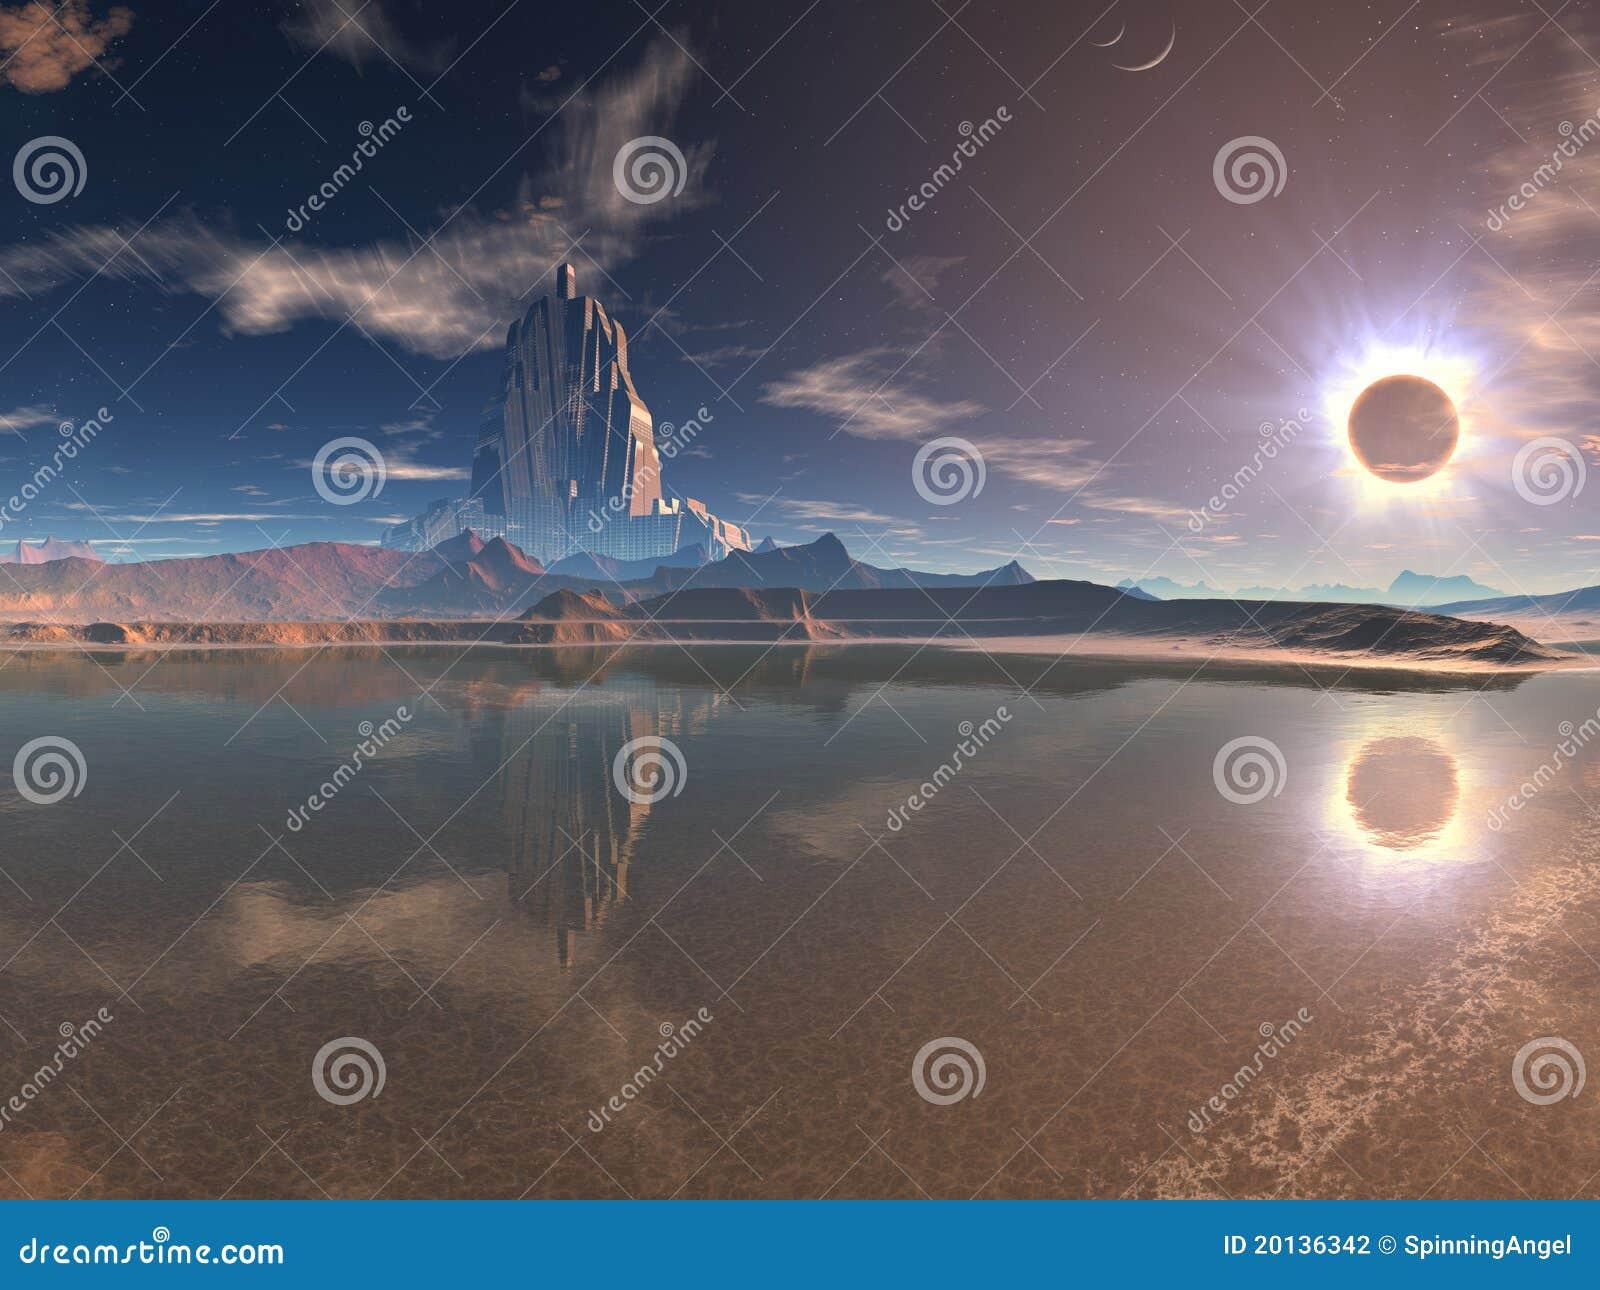 Distant Alien City at Lunar Eclipse